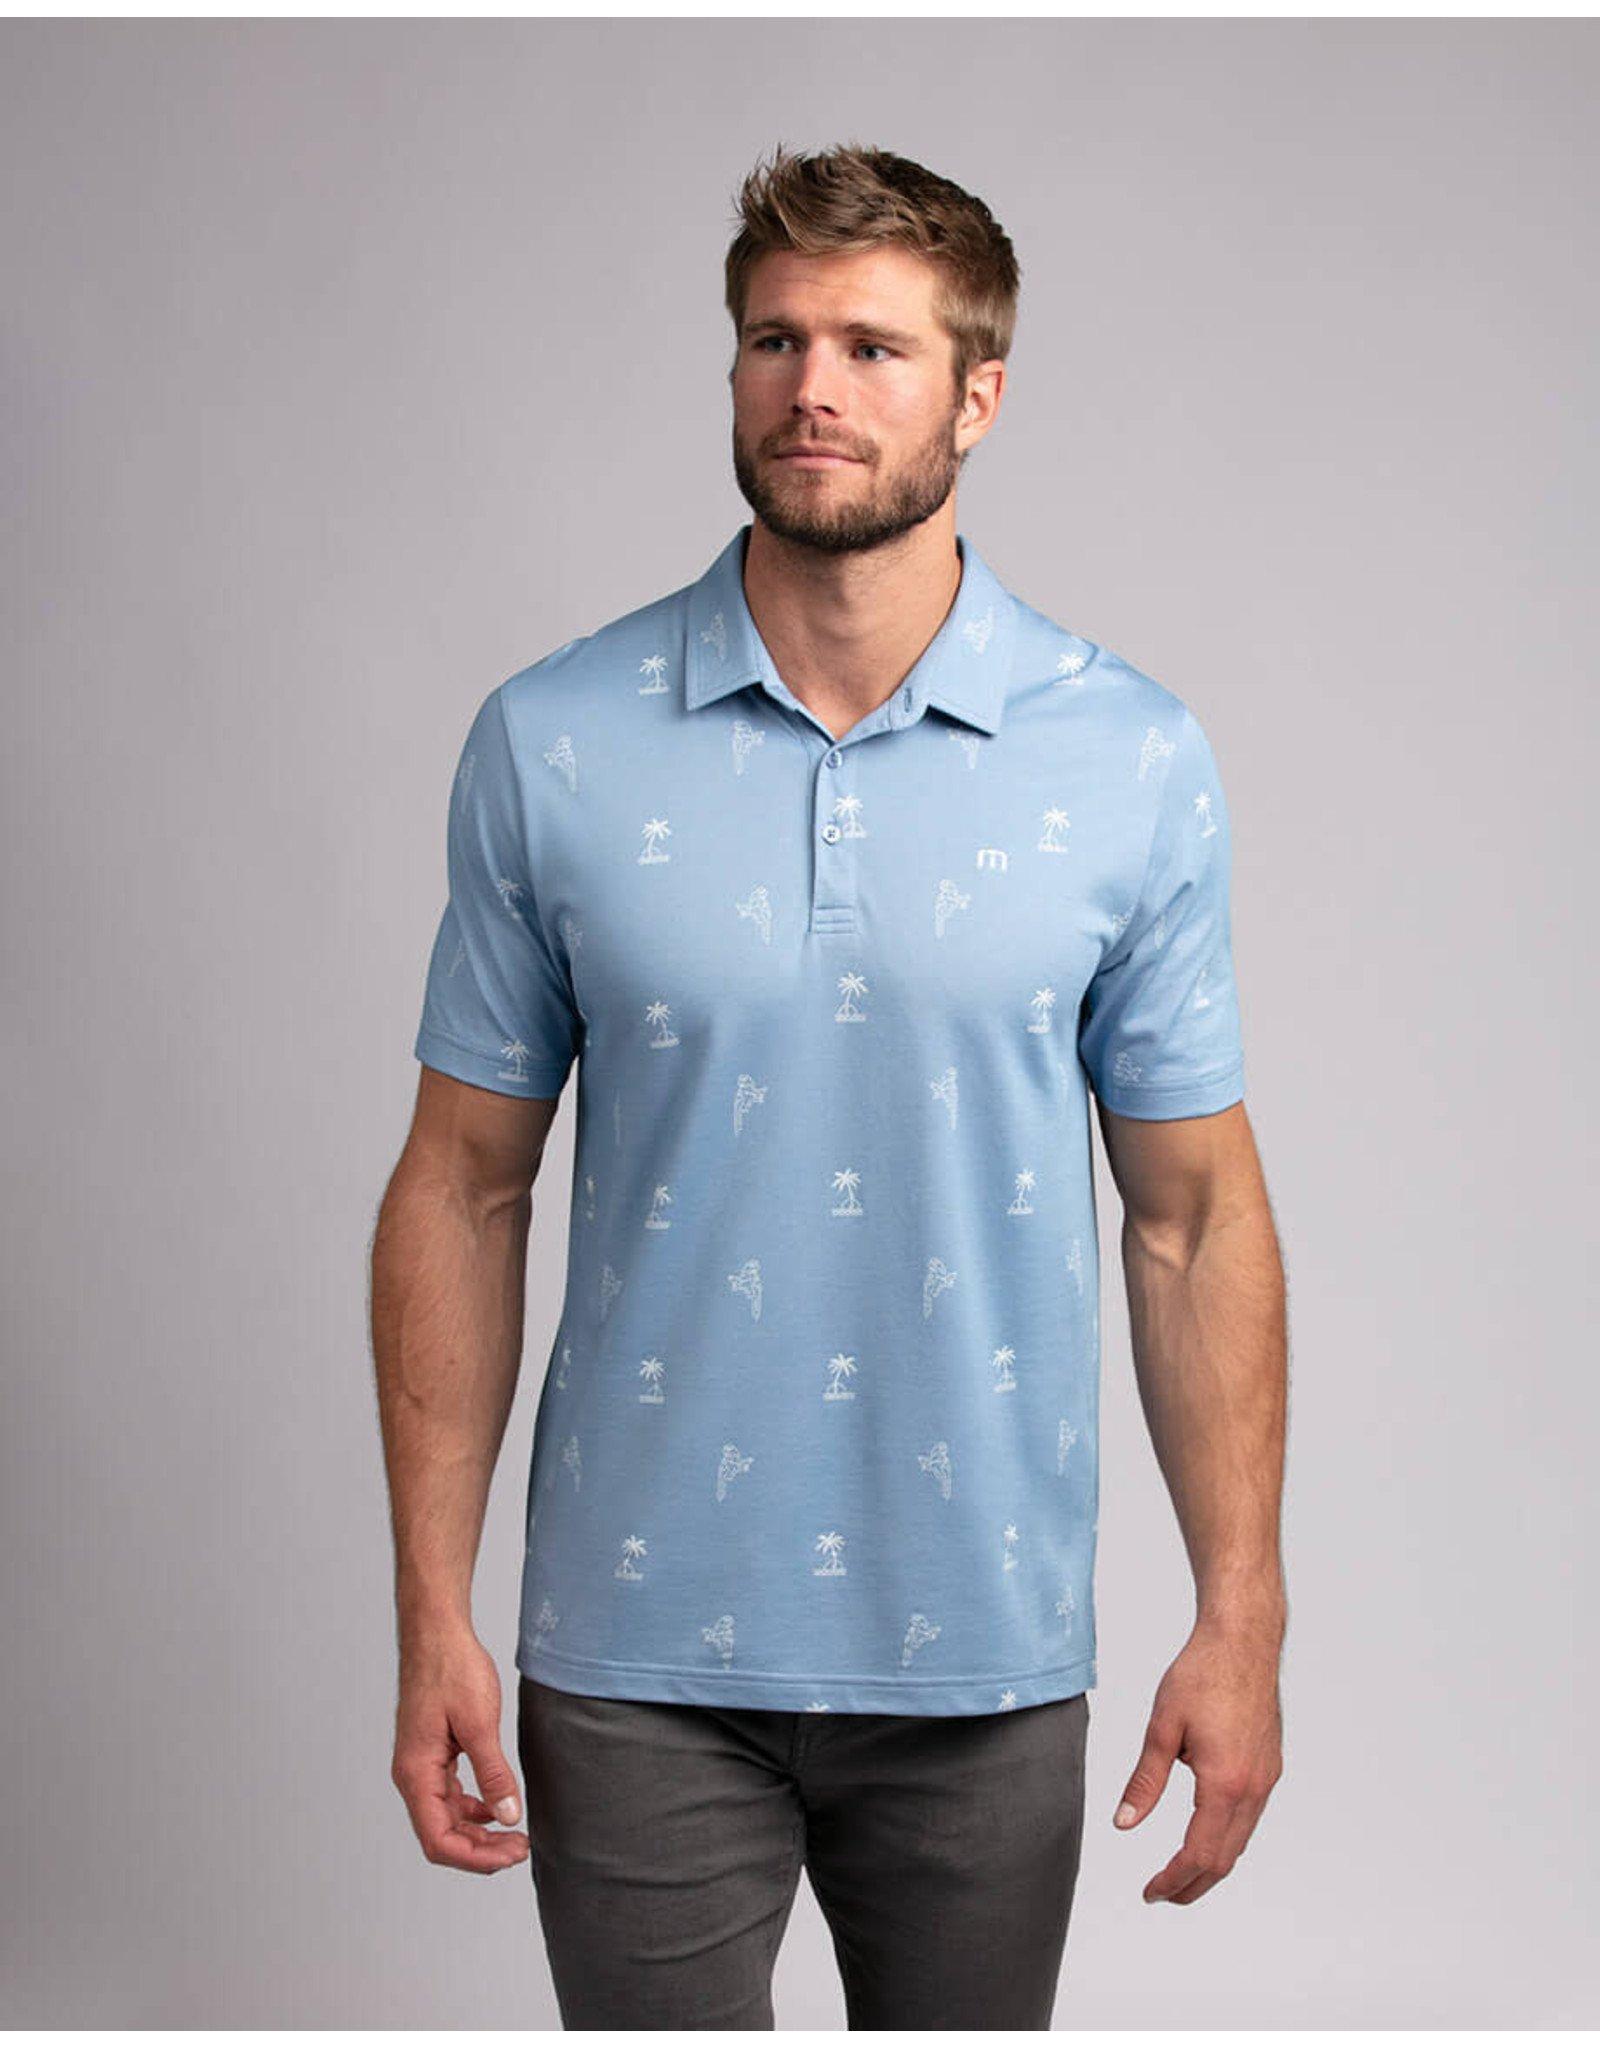 Travis Mathew Shirt Loose Screws